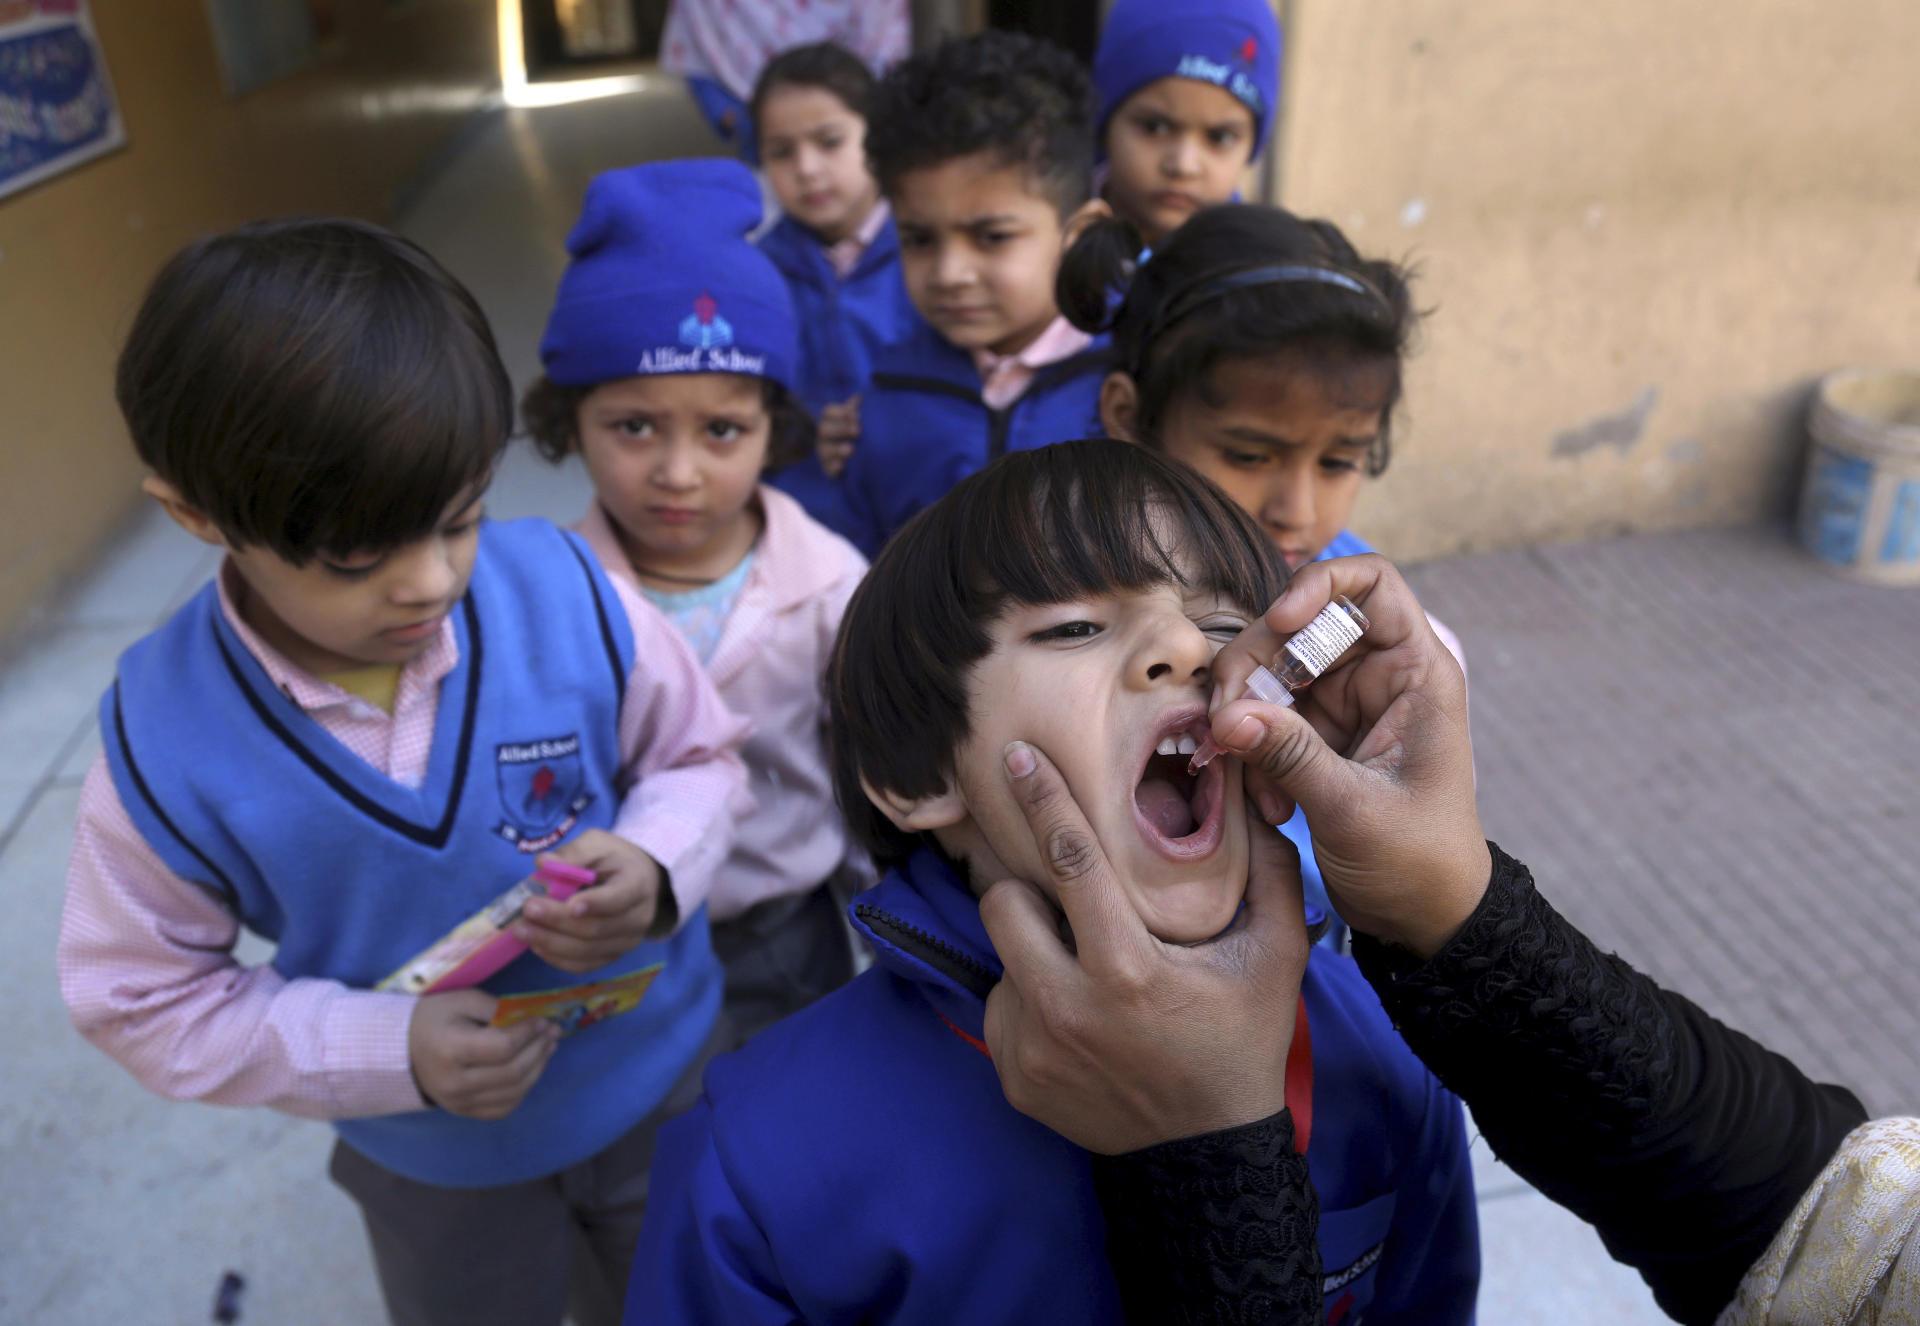 Le gouvernement pakistanais a lancé une campagne de vaccination contre la poliomyélite dans les écoles, en février 2020.